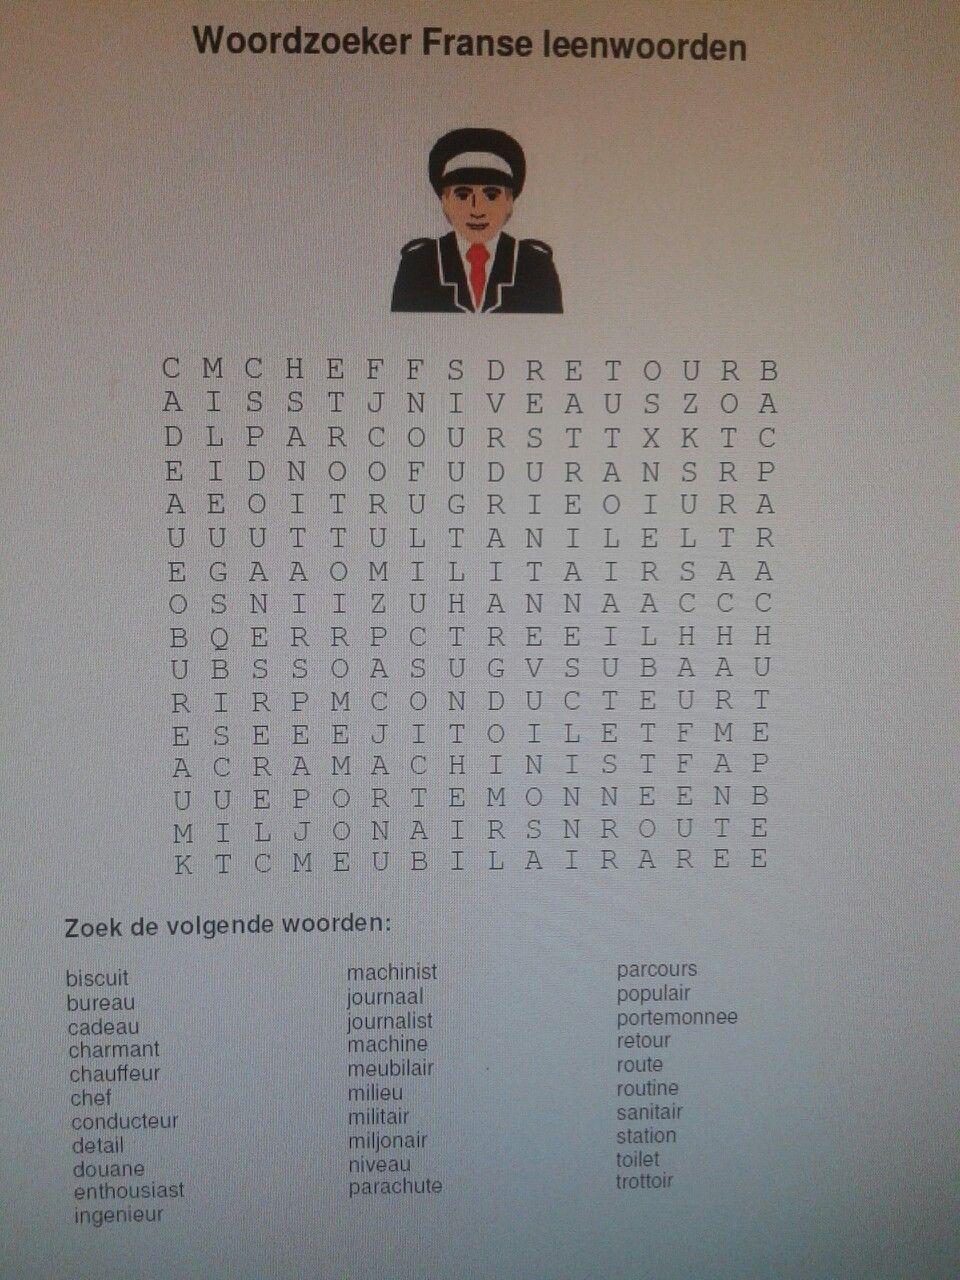 Beroemd Woordzoeker, spelling thema 8 week 2. Dit sluit aan bij Taal &QX19